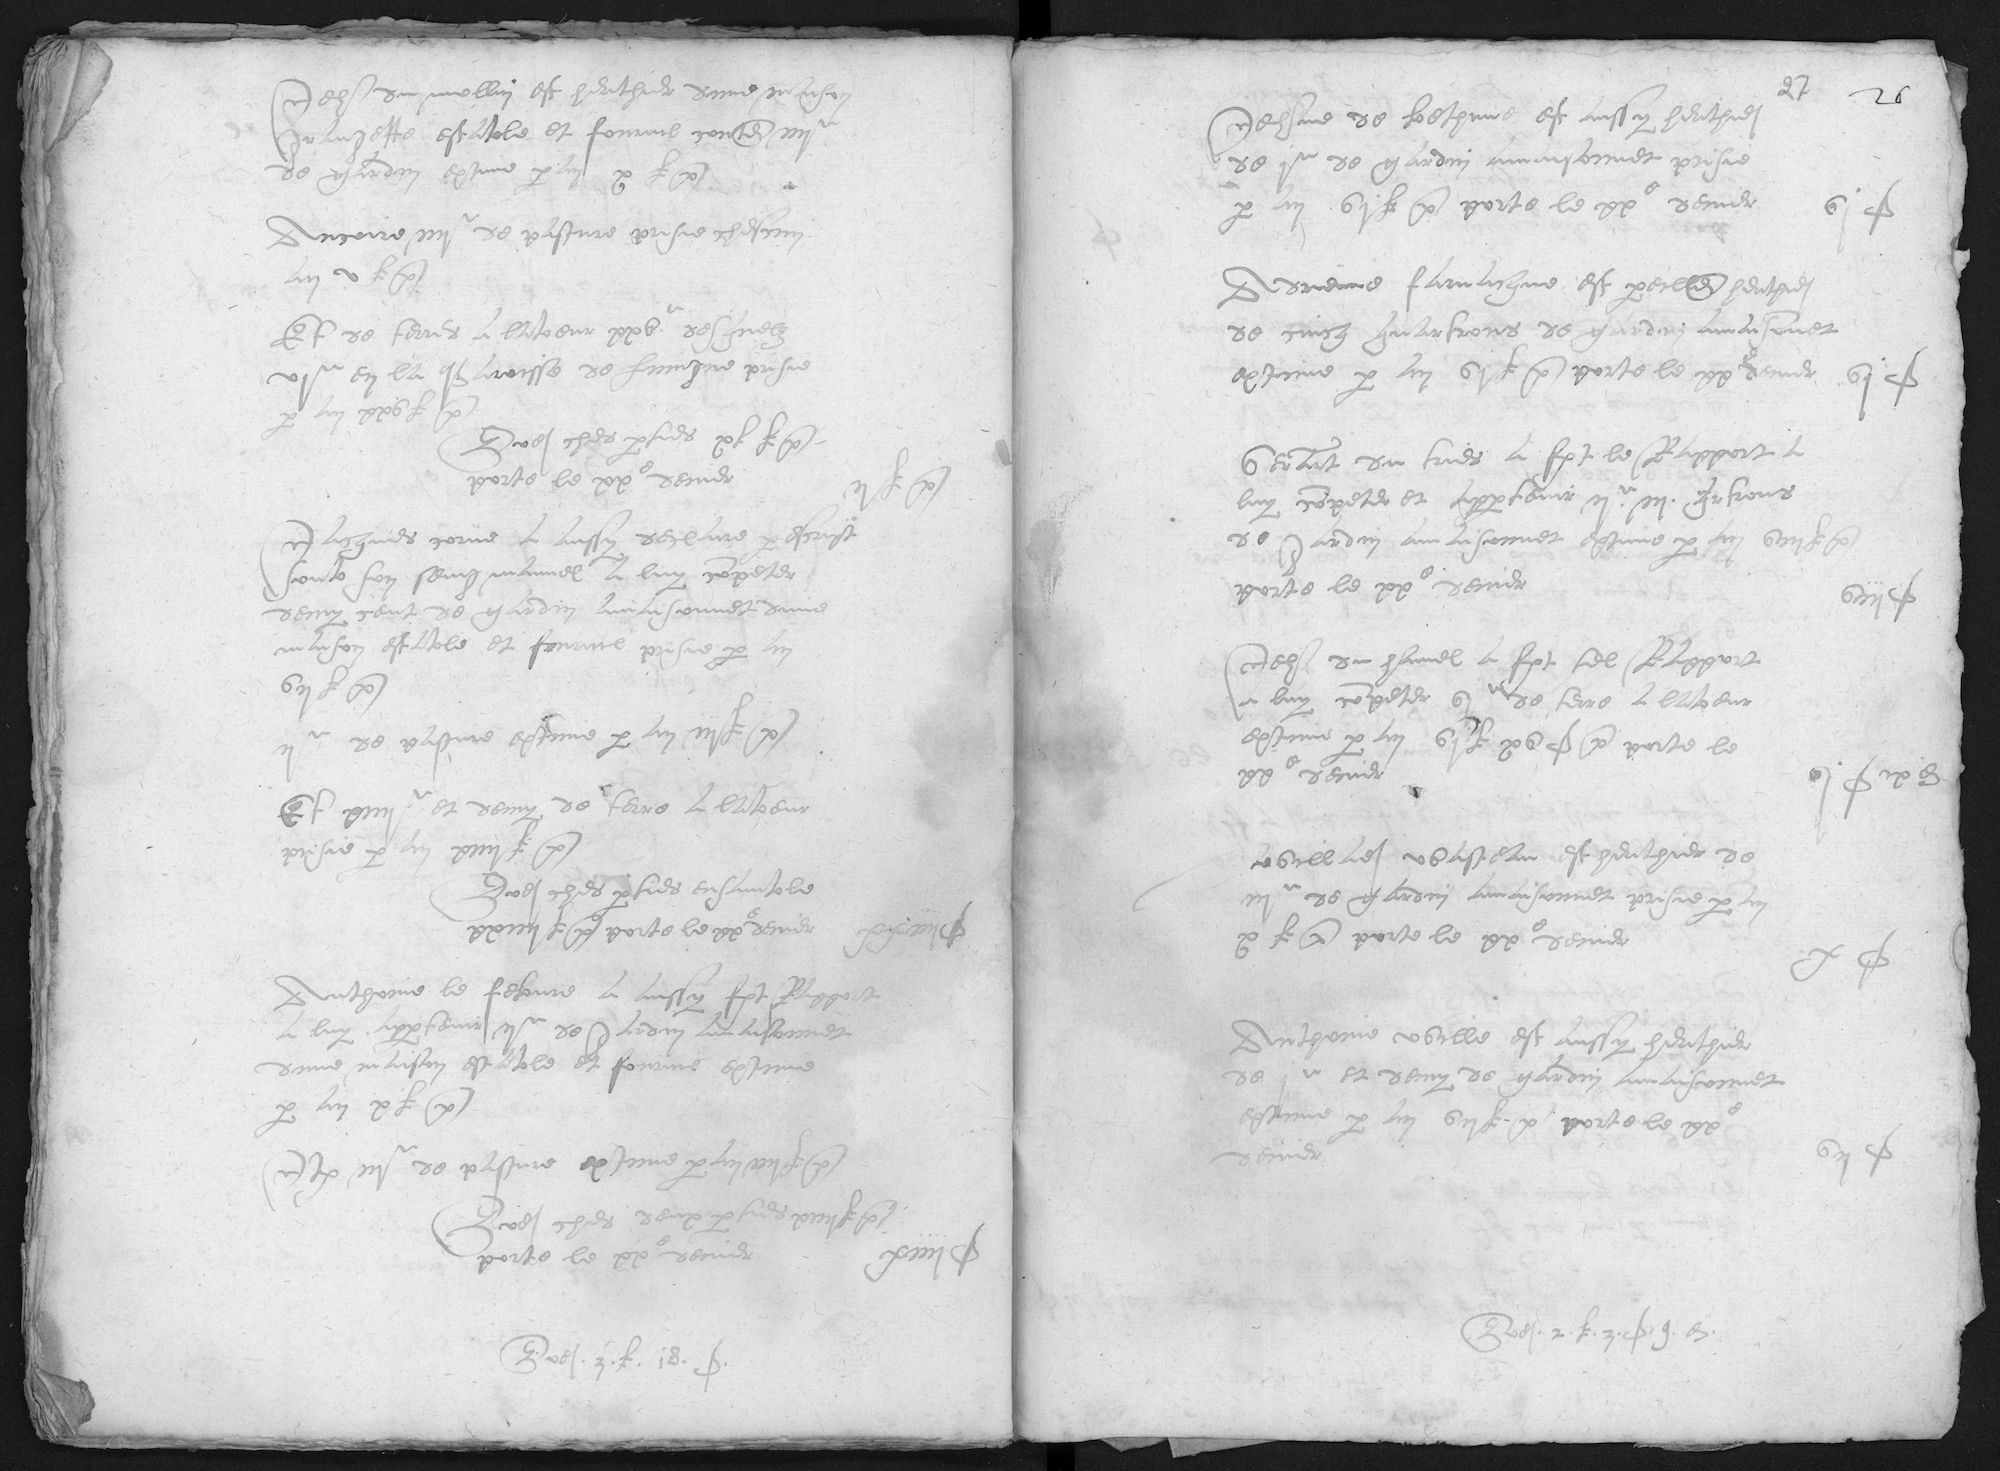 Kohier van de 20ste penning in Herseaux (Herzeeuw) (kasselrij van Kortrijk), 1572